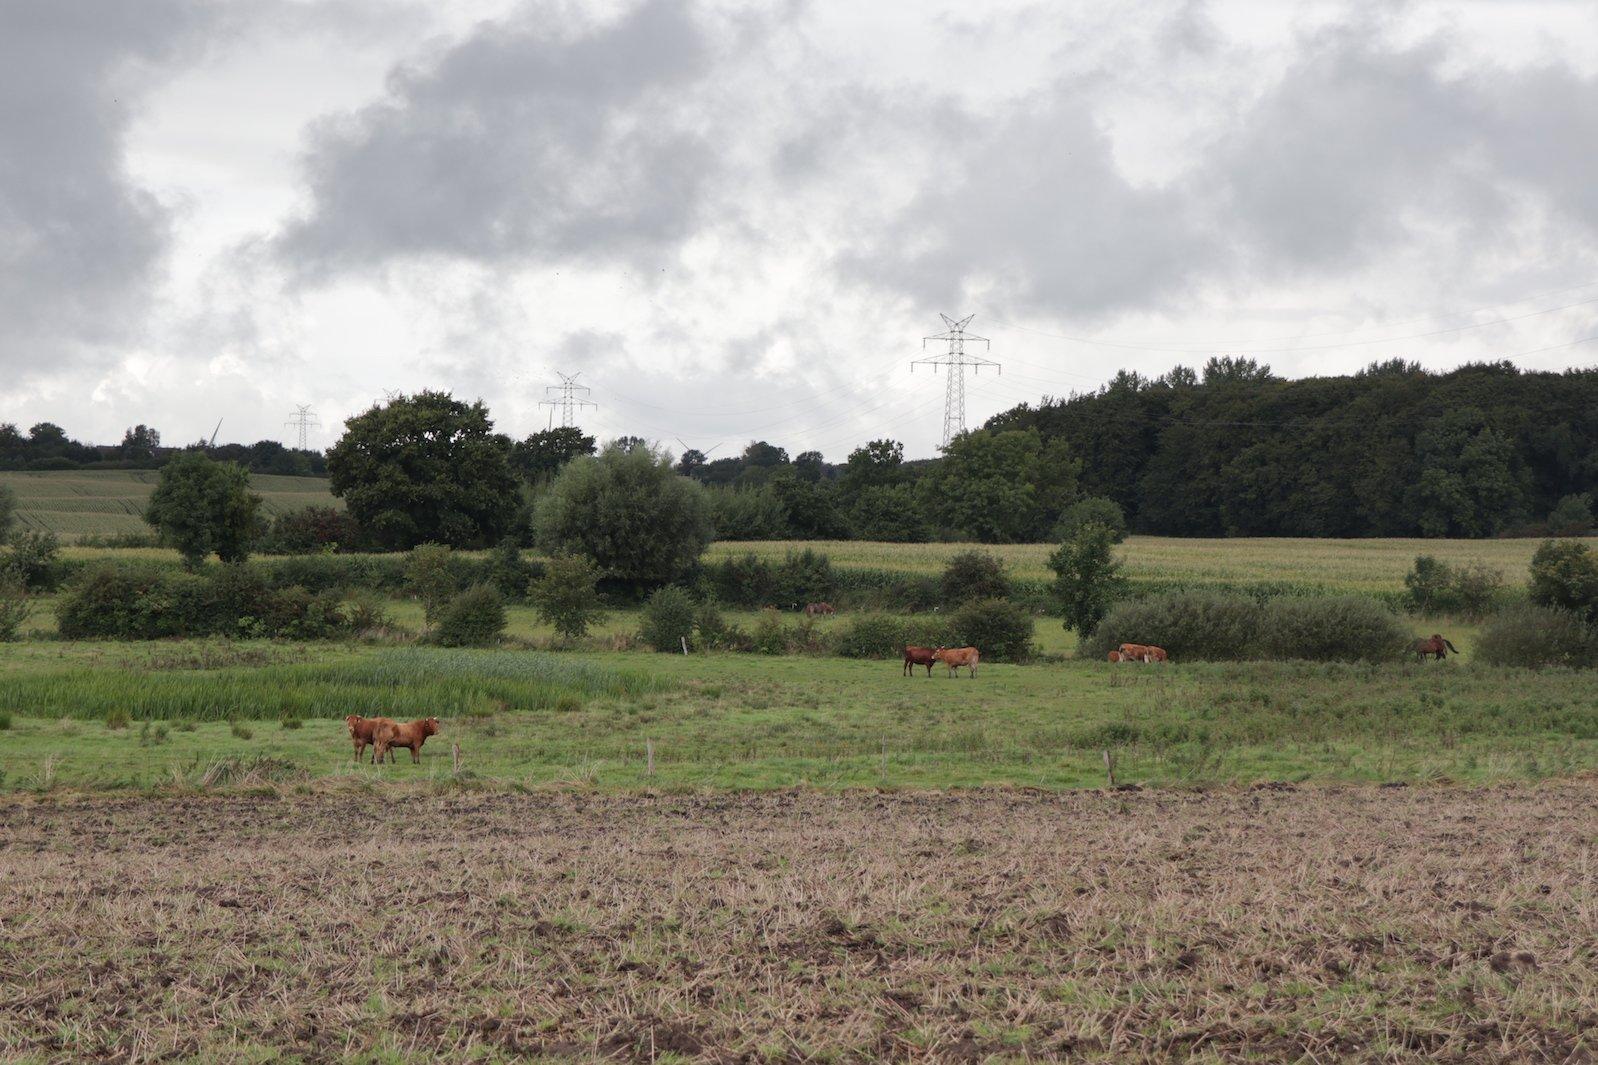 Rinder auf der Weide im Grünen Binnenland